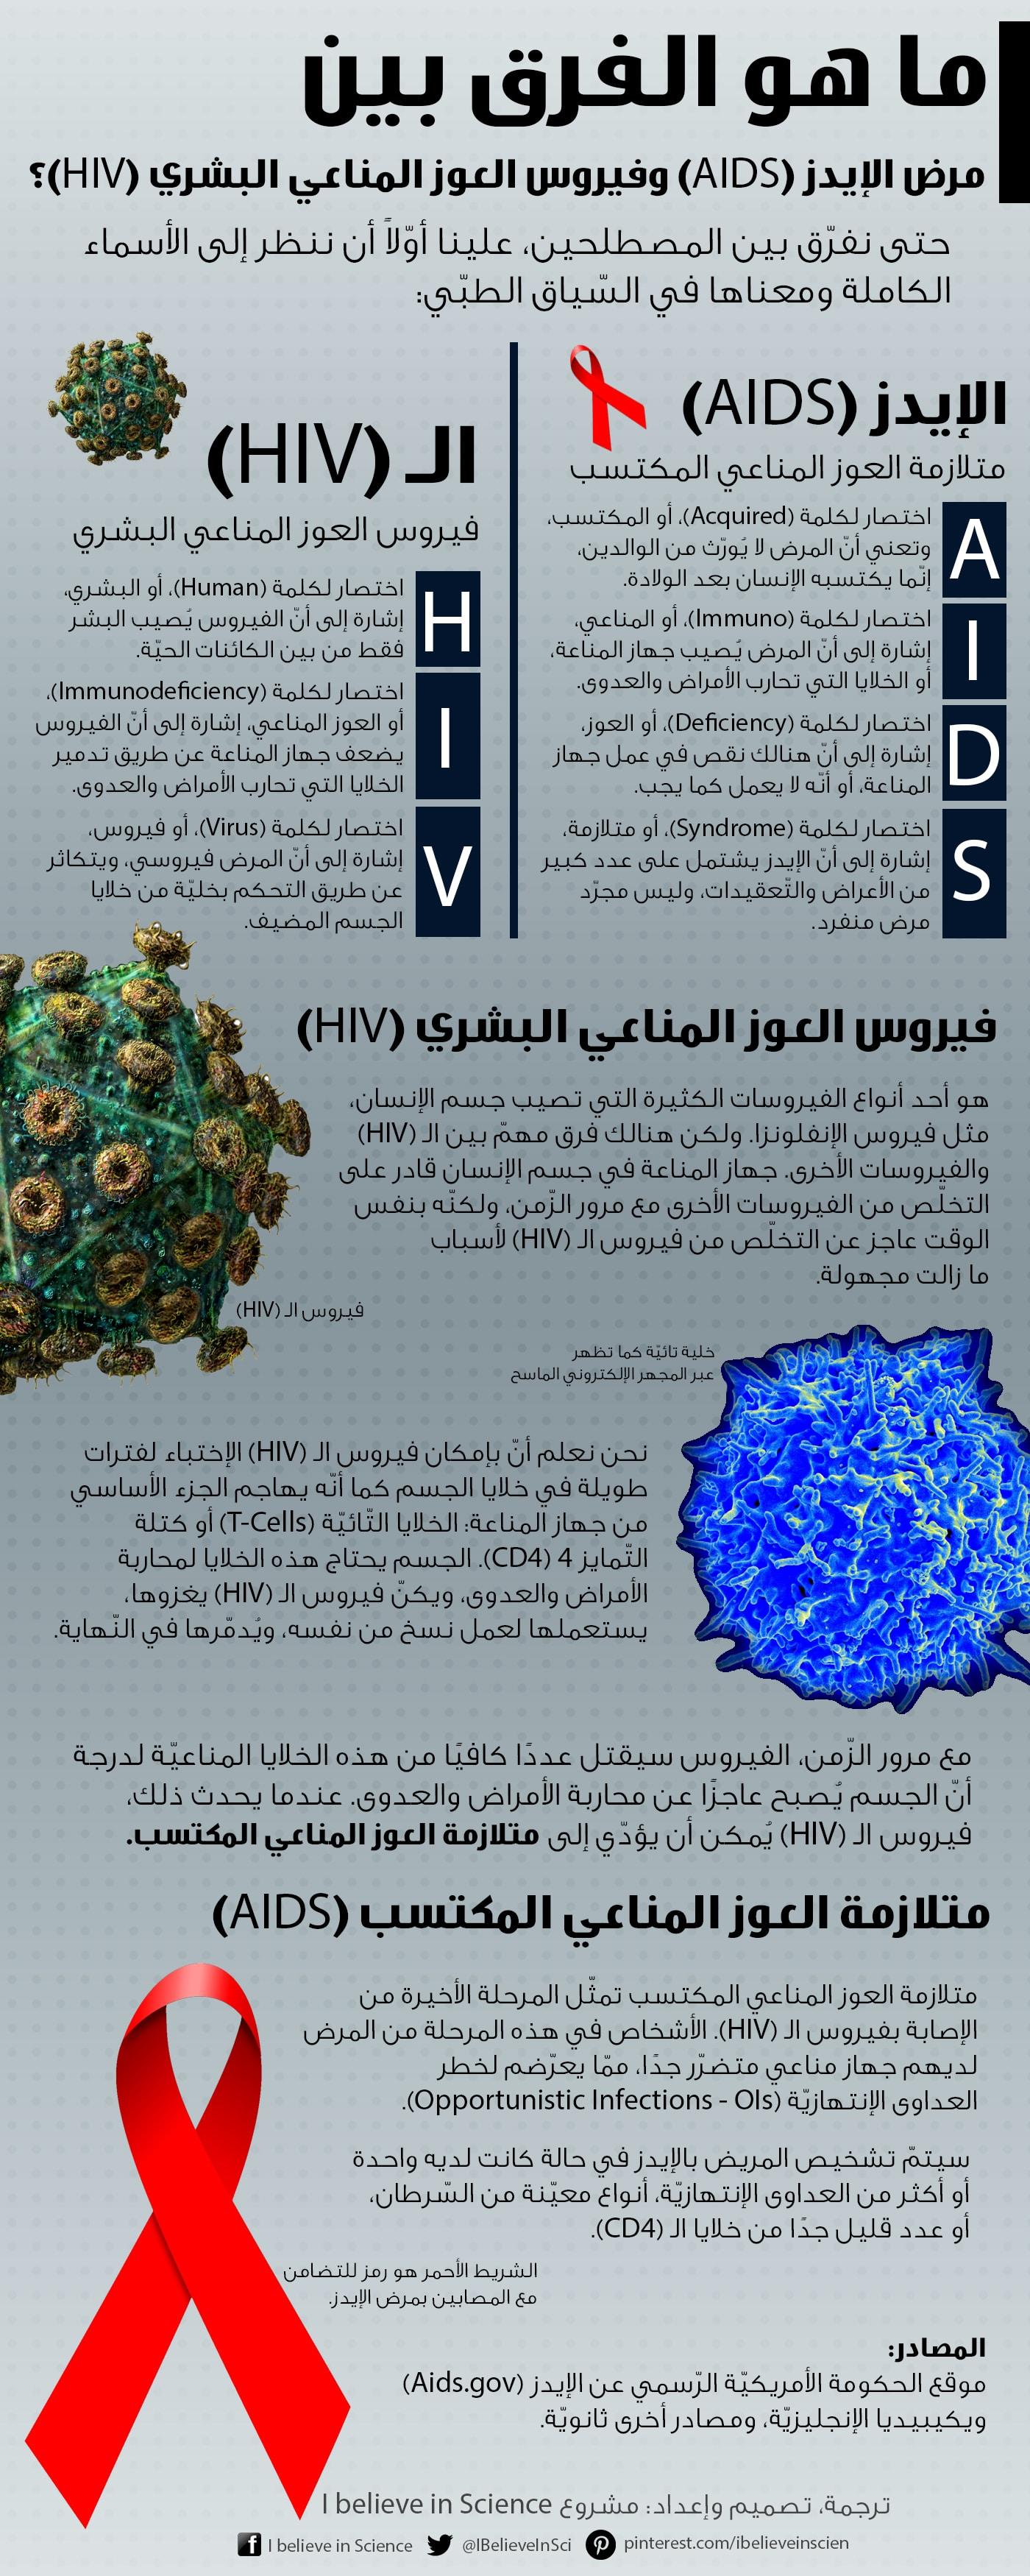 #طب #إنفوجرافيك: ما هو الفرق بين مرض #الإيدز و #فيروس العوز المناعي البشري؟